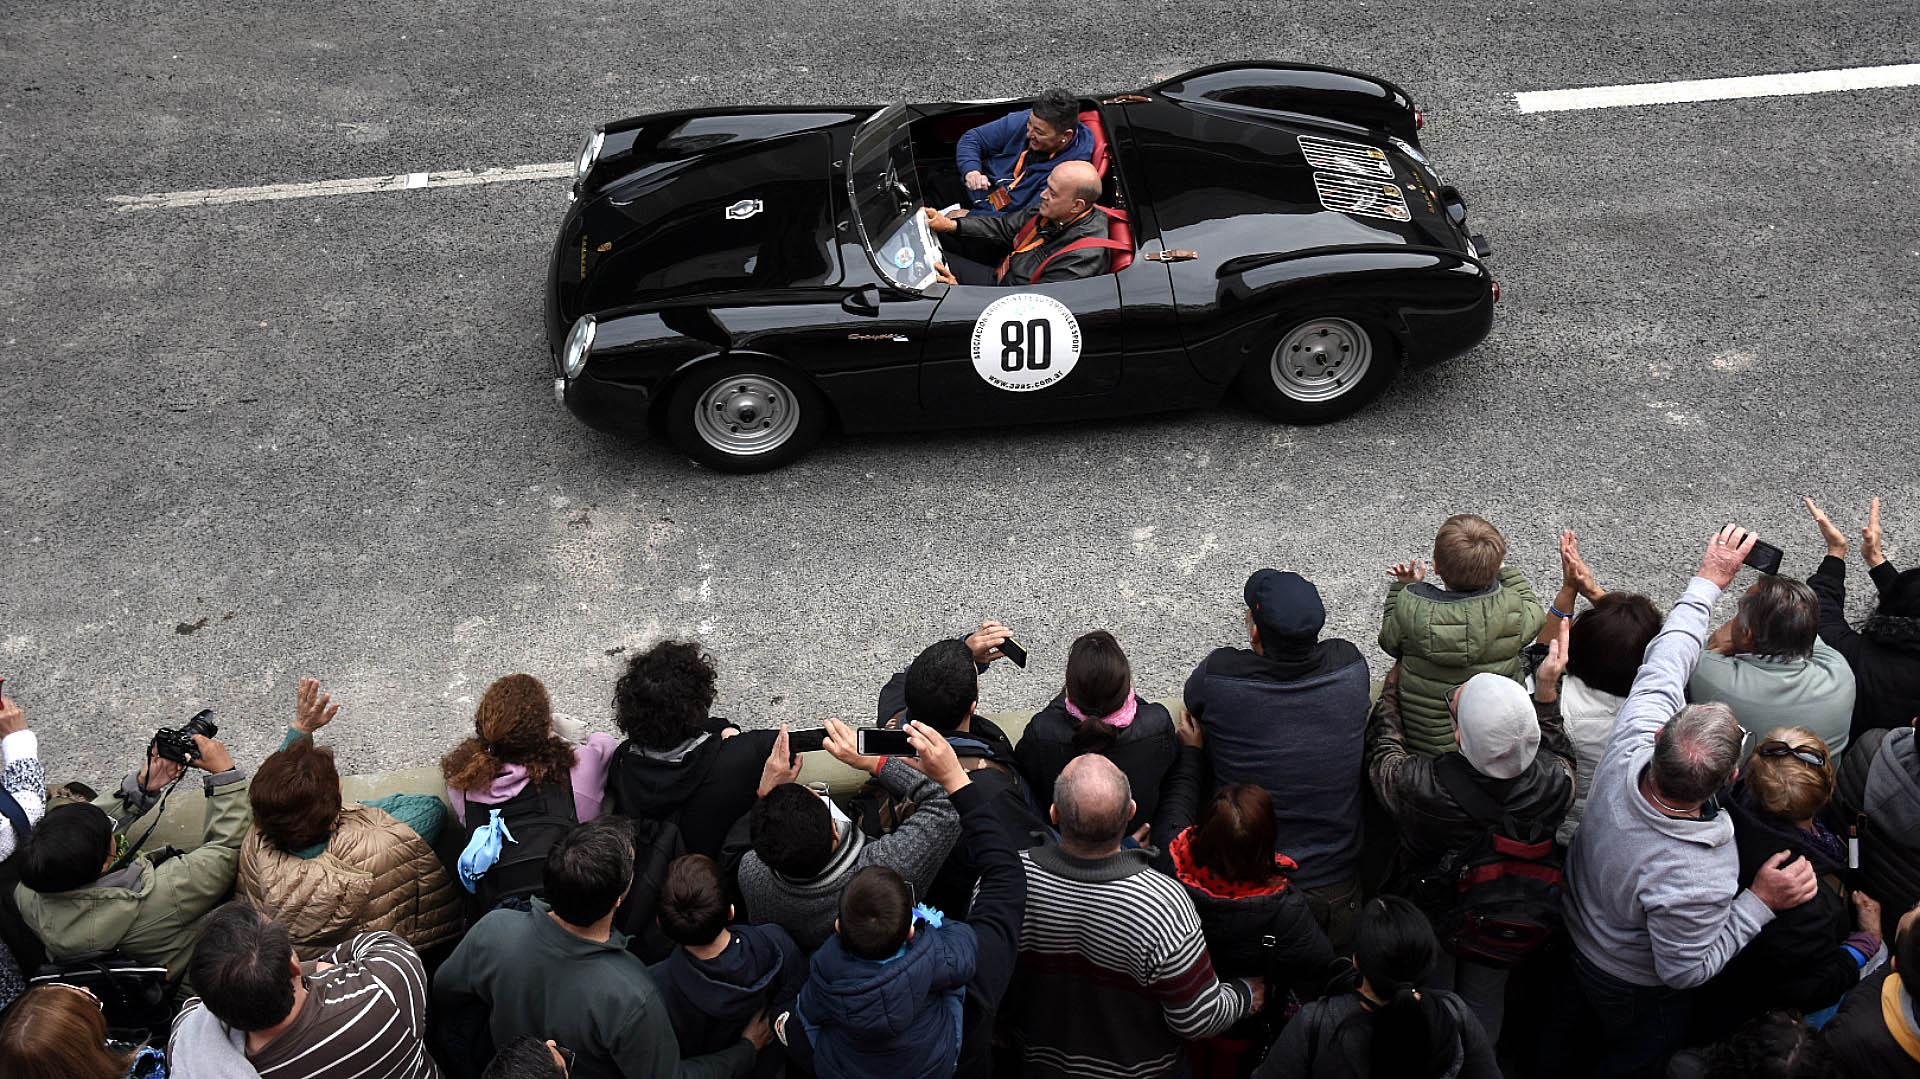 Doble experiencia: conductores y públicos disfrutaron del evento por igual